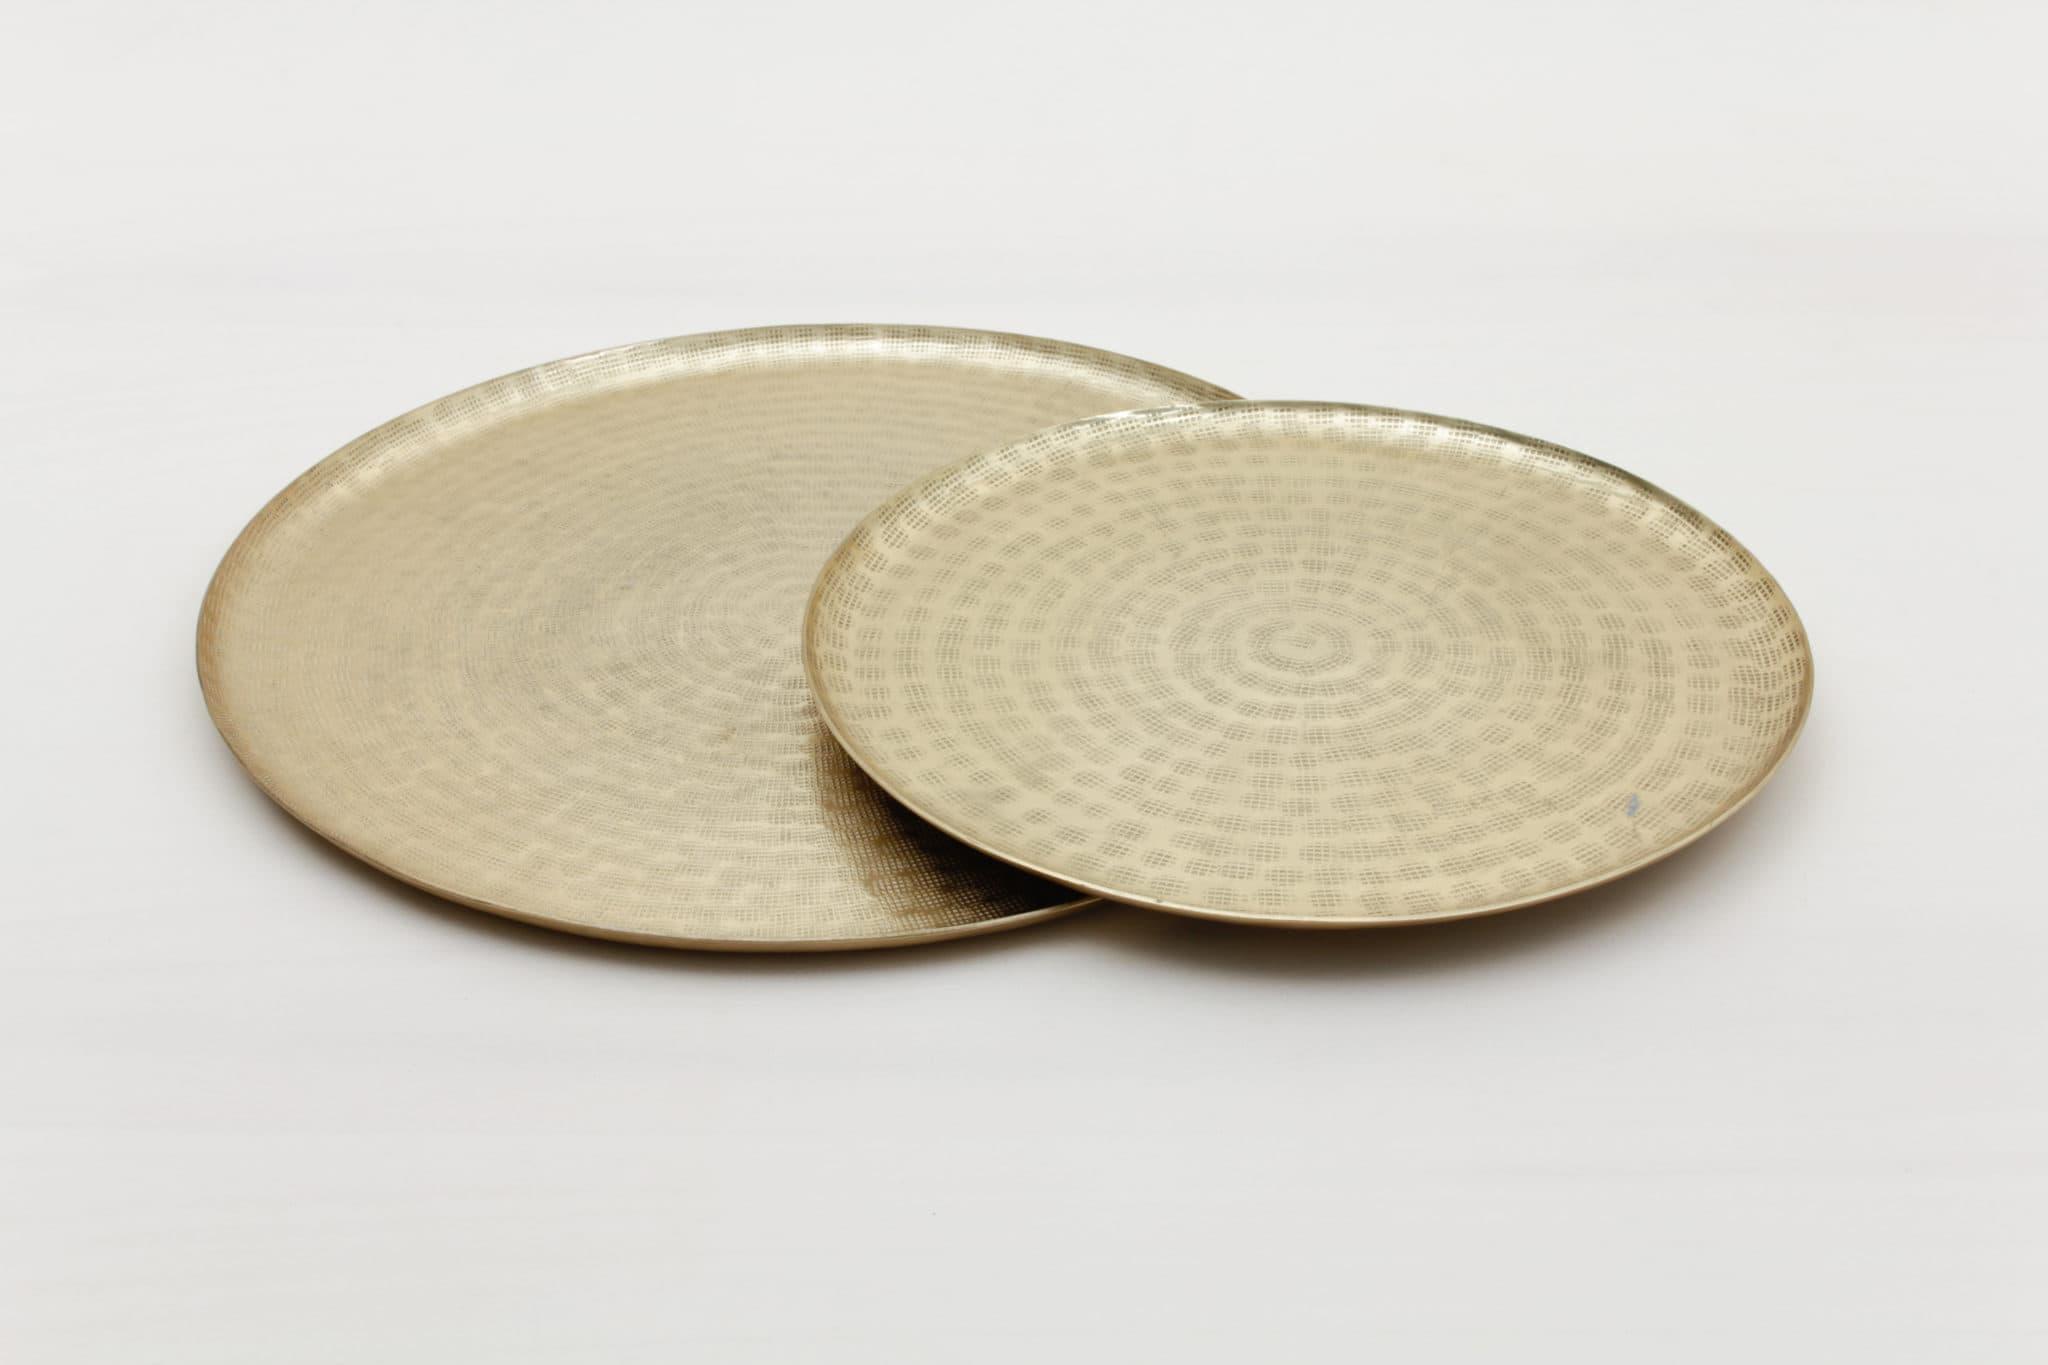 goldenes tablett mieten, Mietgeschirr